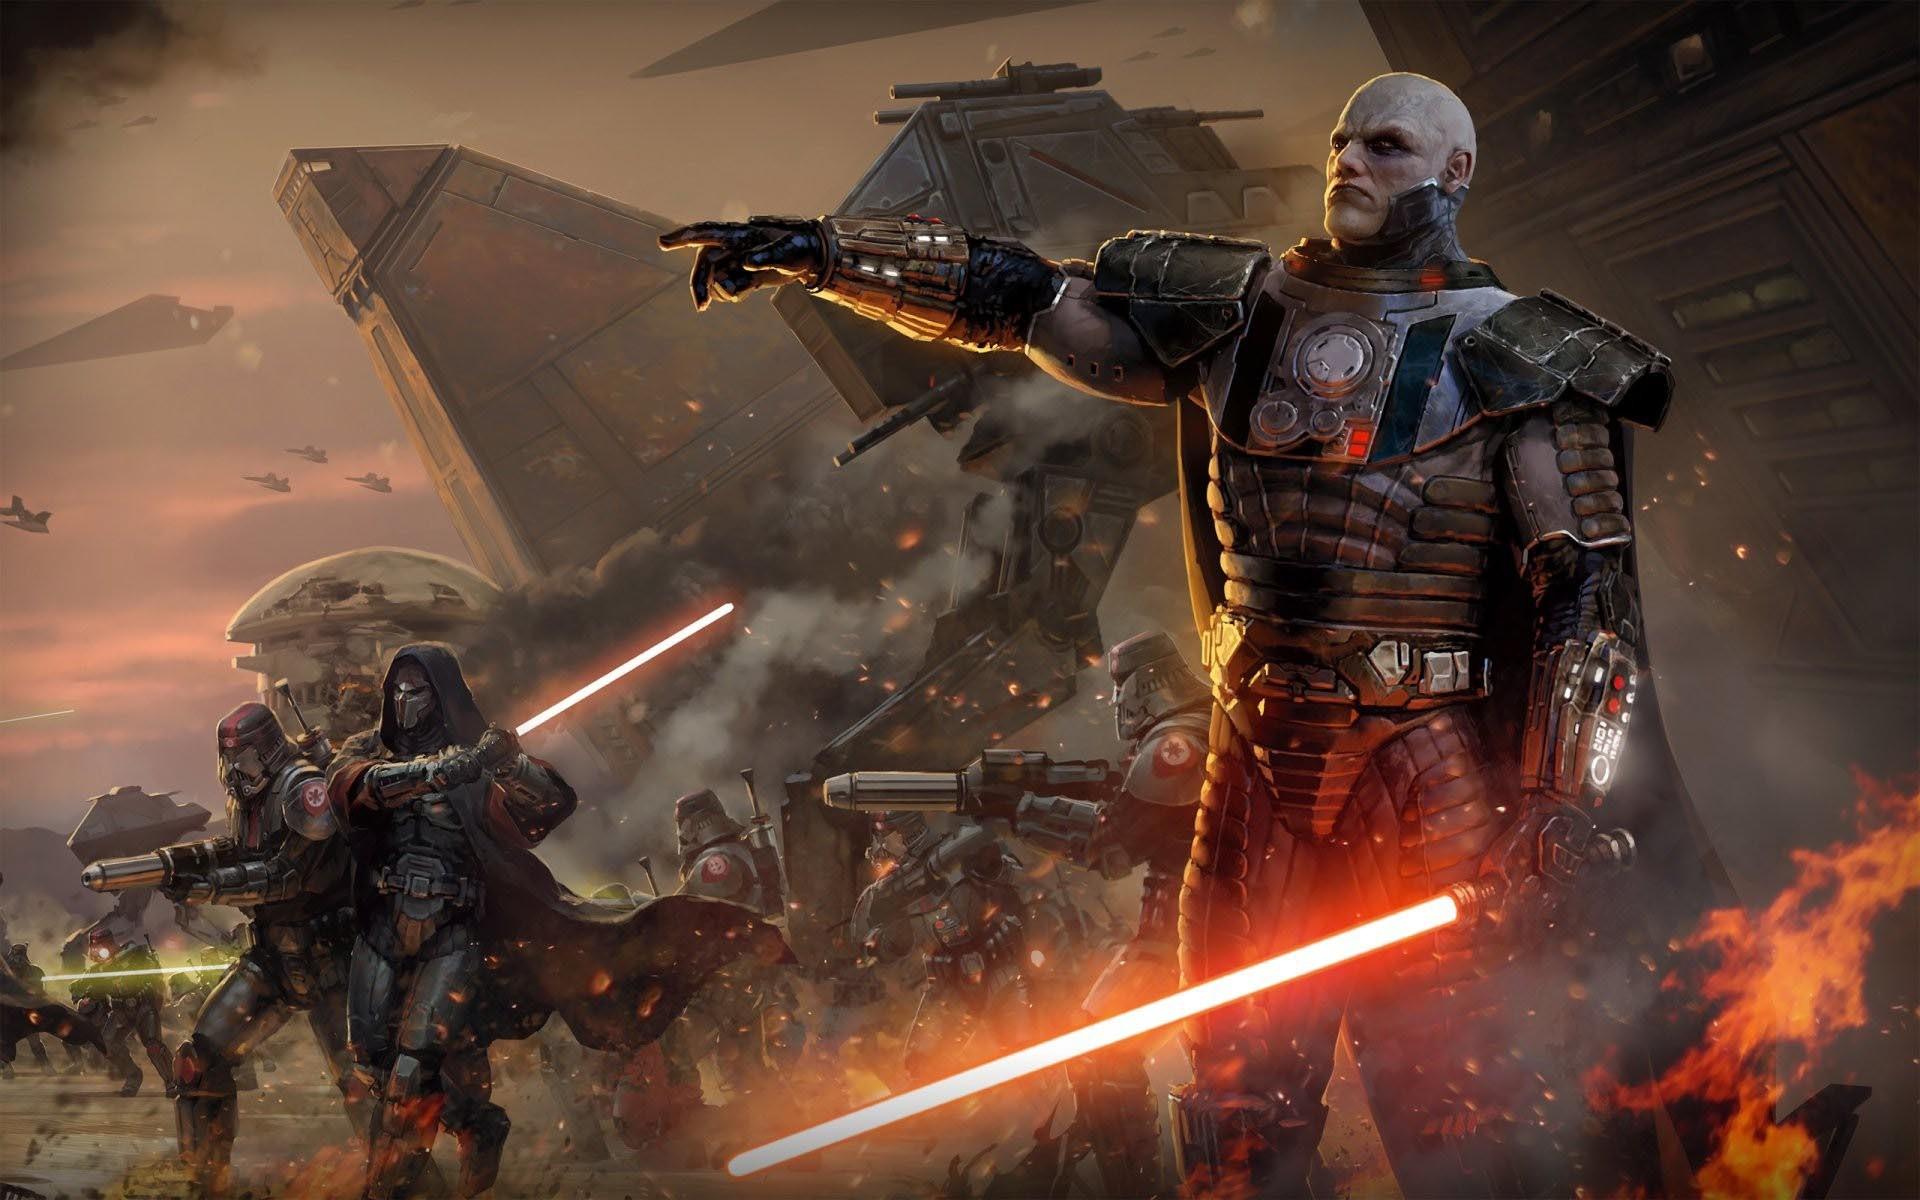 Badass Star Wars Wallpapers 7